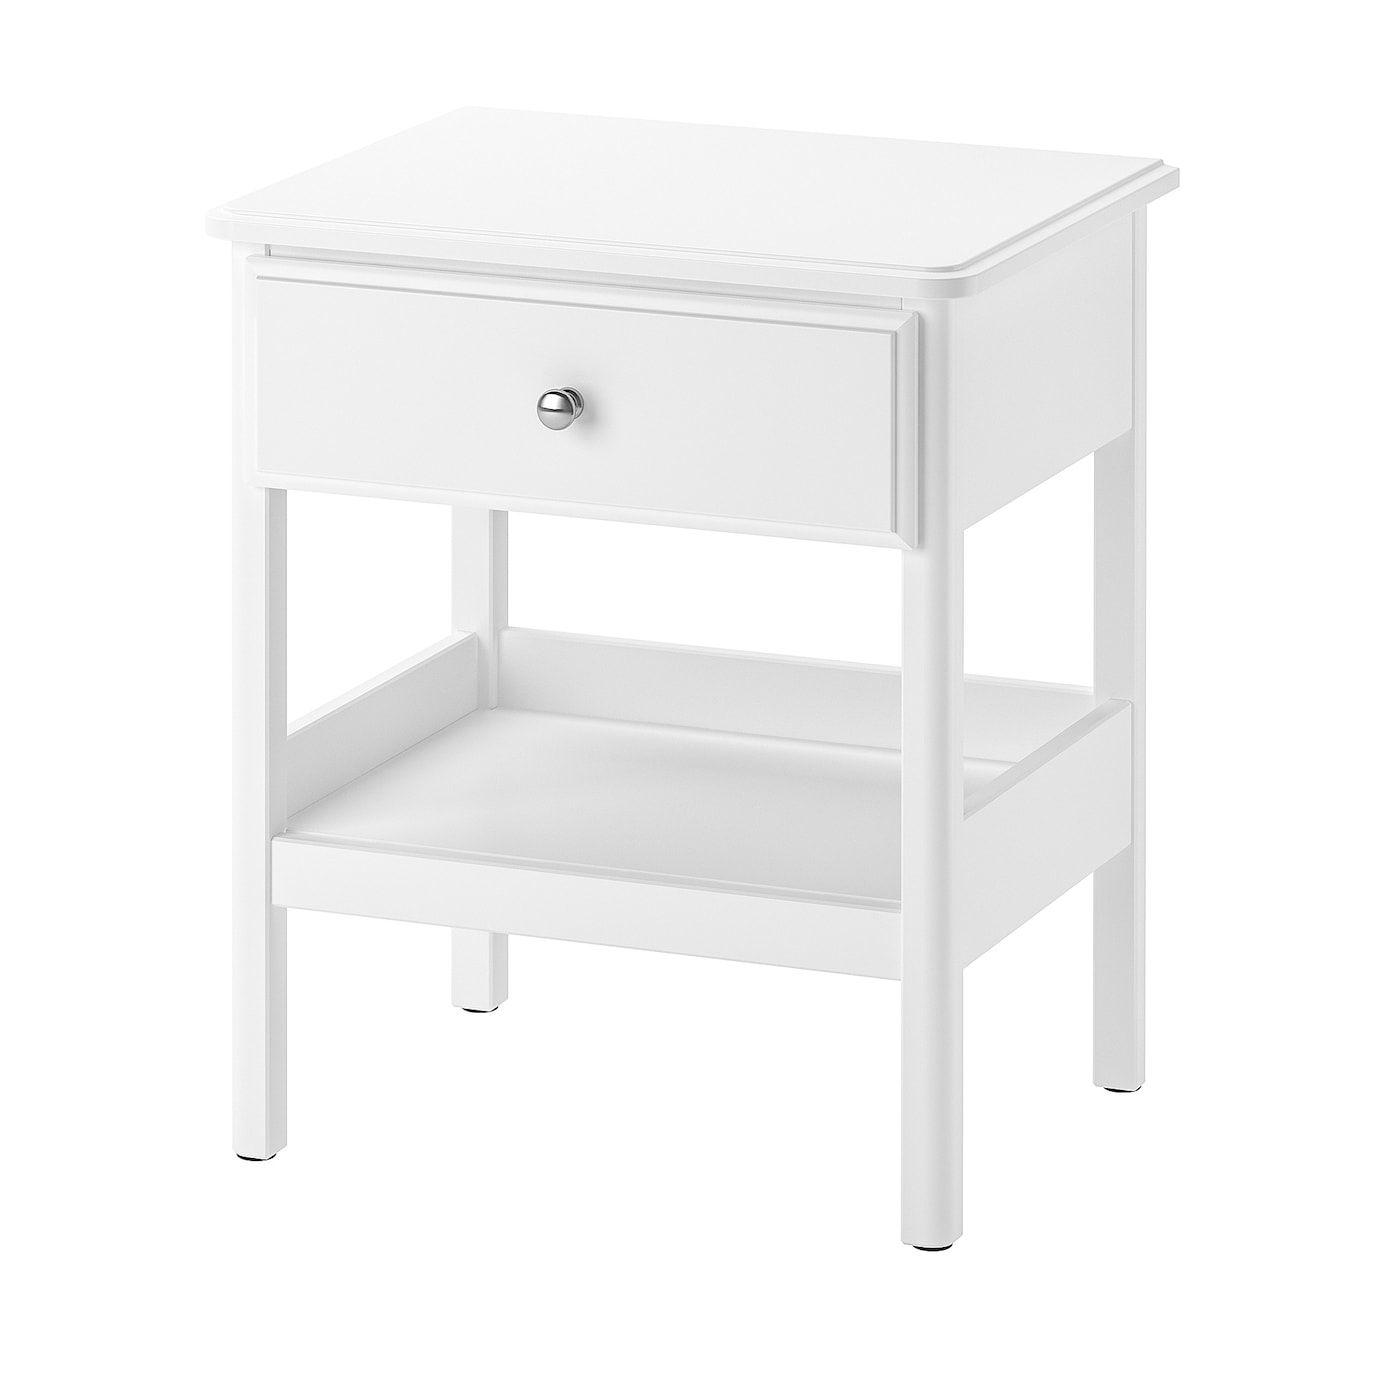 Tyssedal Mesita De Noche Blanco 51x40 Cm Ikea En 2020 Table De Chevet Blanche Chevet Blanc Table De Chevet